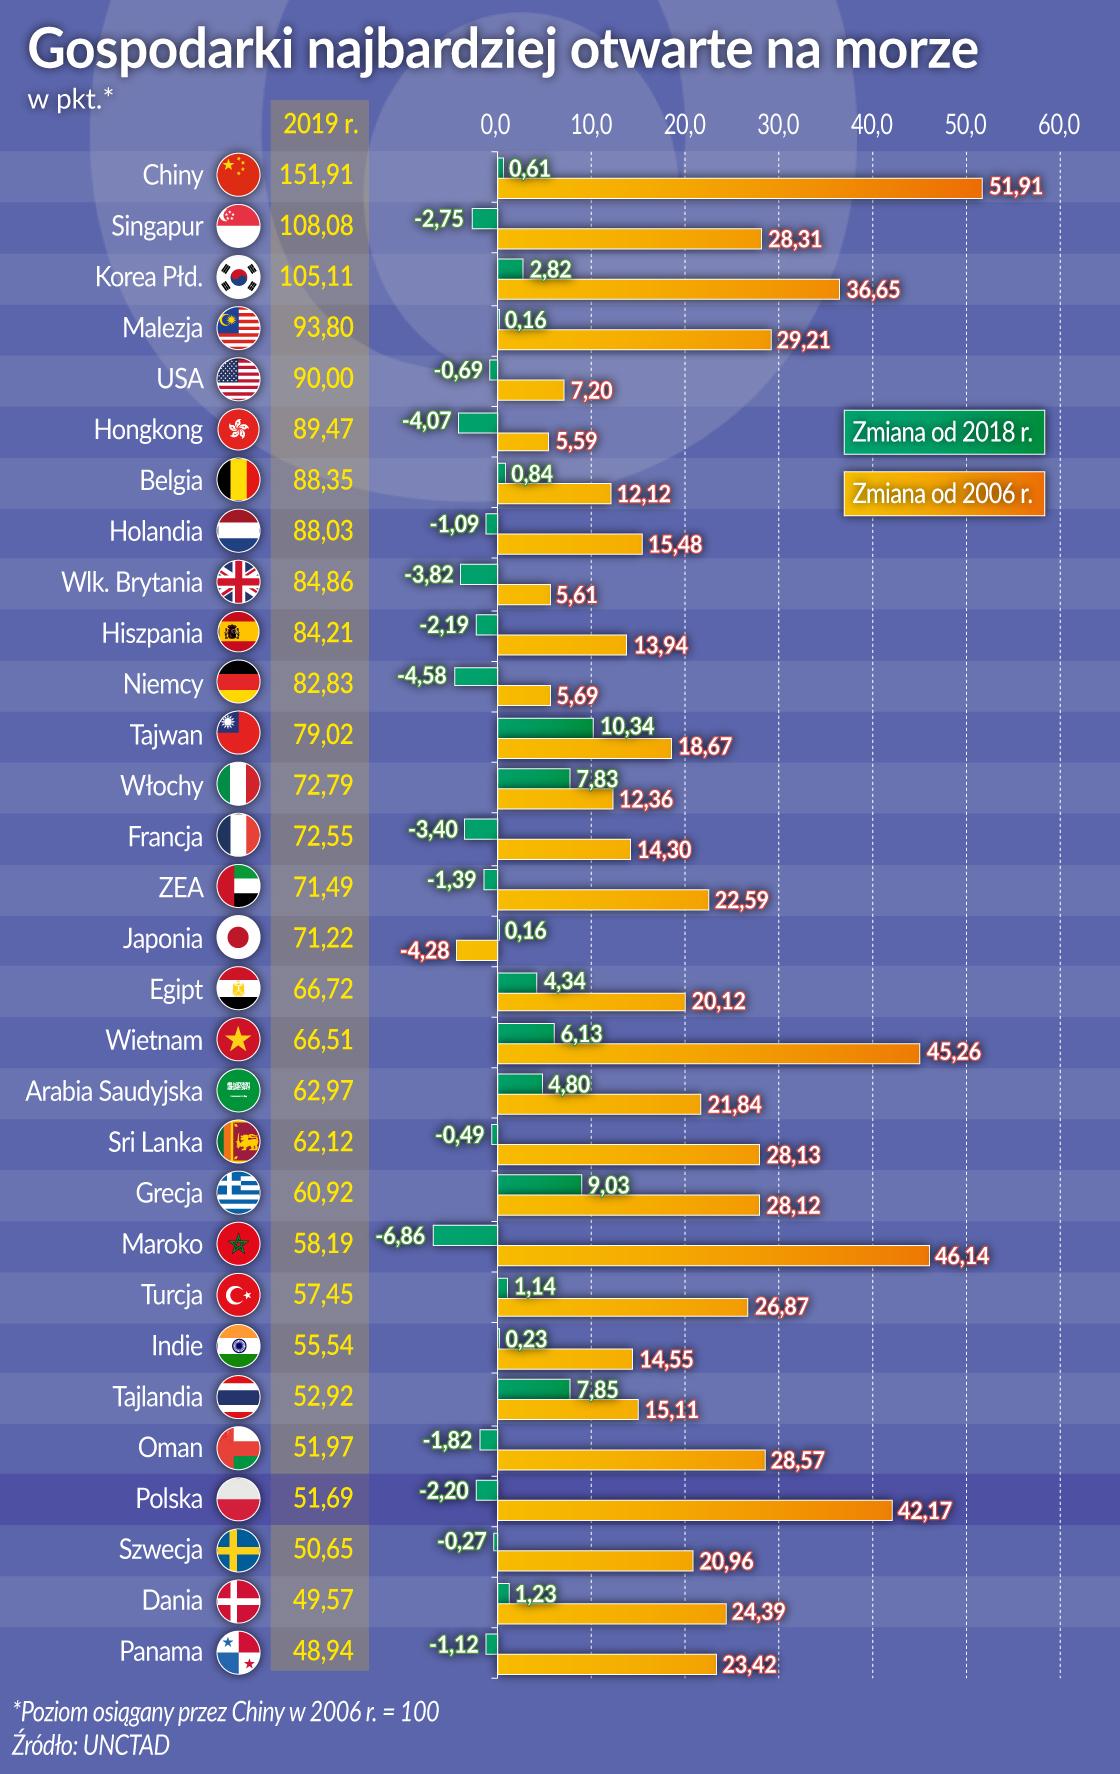 Gospodarki najbardziej otwarte na morze